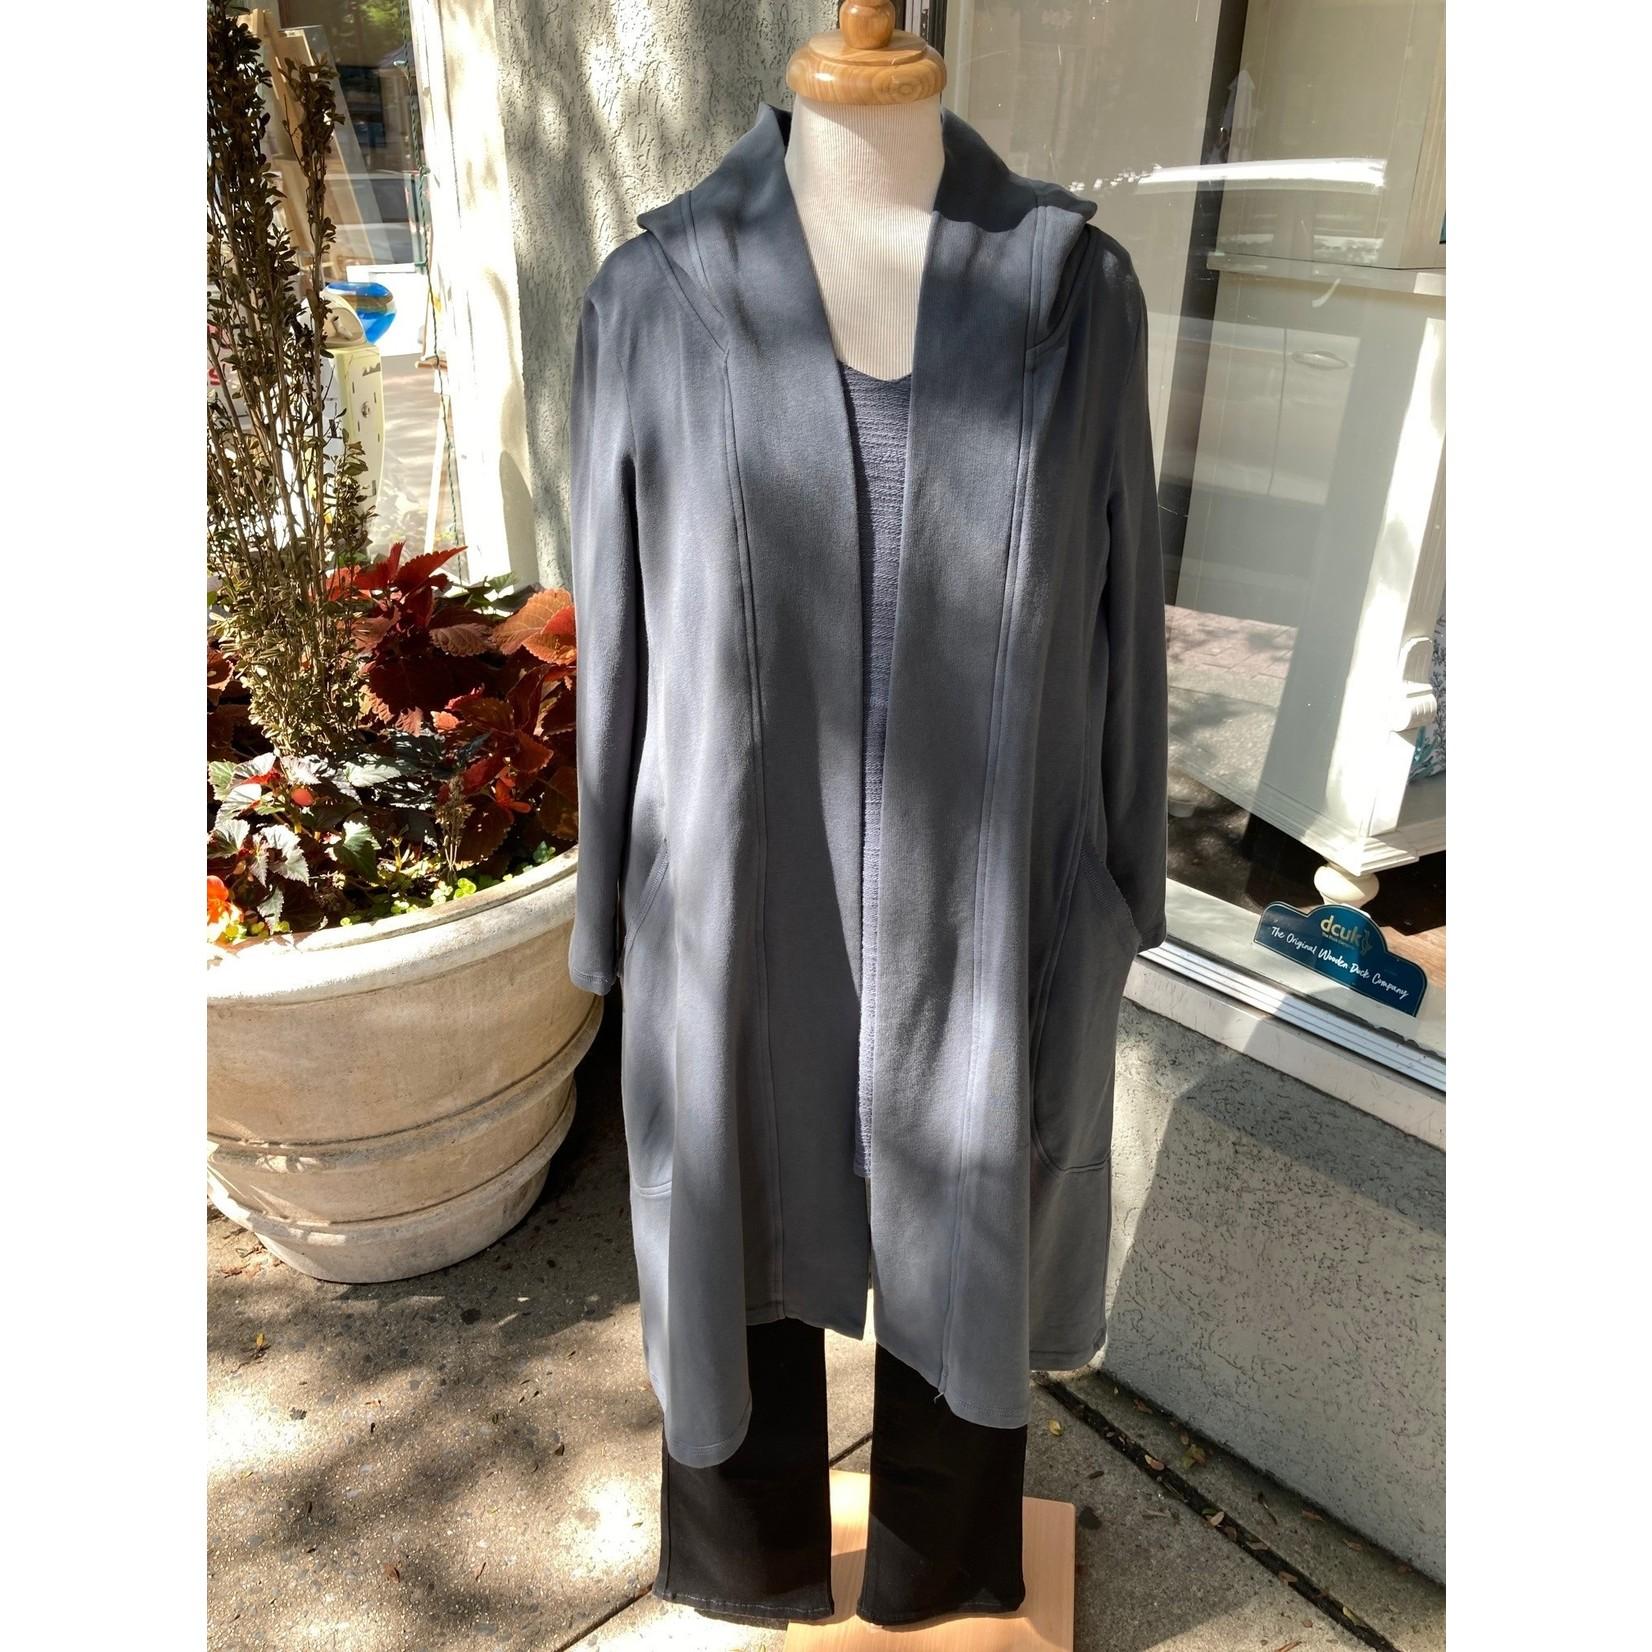 Color Me Cotton Long Hooded Jacket w/ Pockets in Asphalt